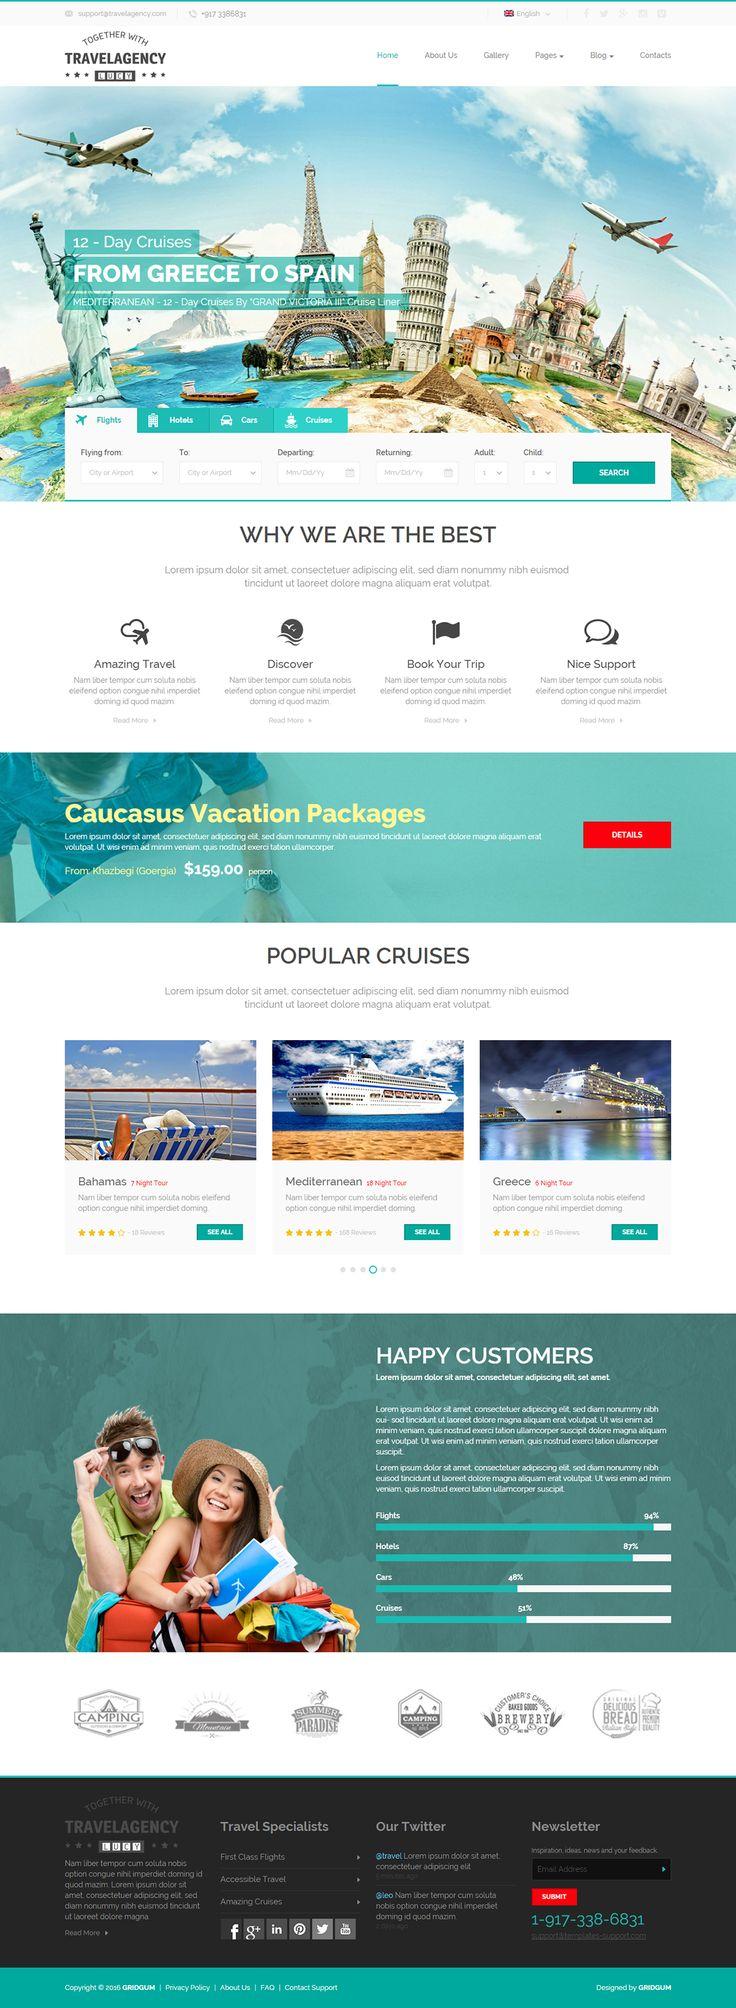 best real estate websites images on pinterest website designs